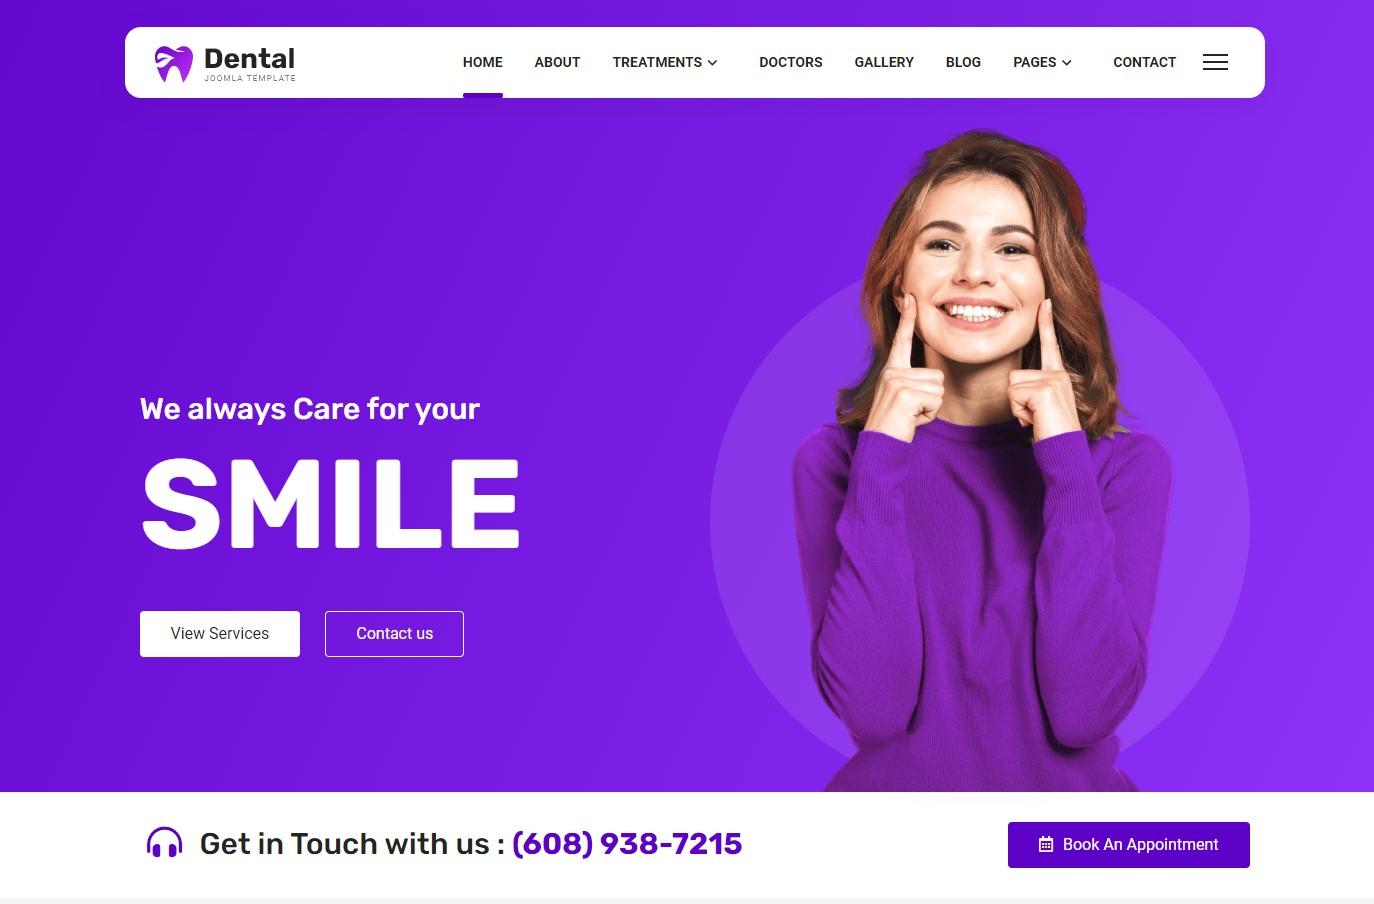 JD_Dental.jpg